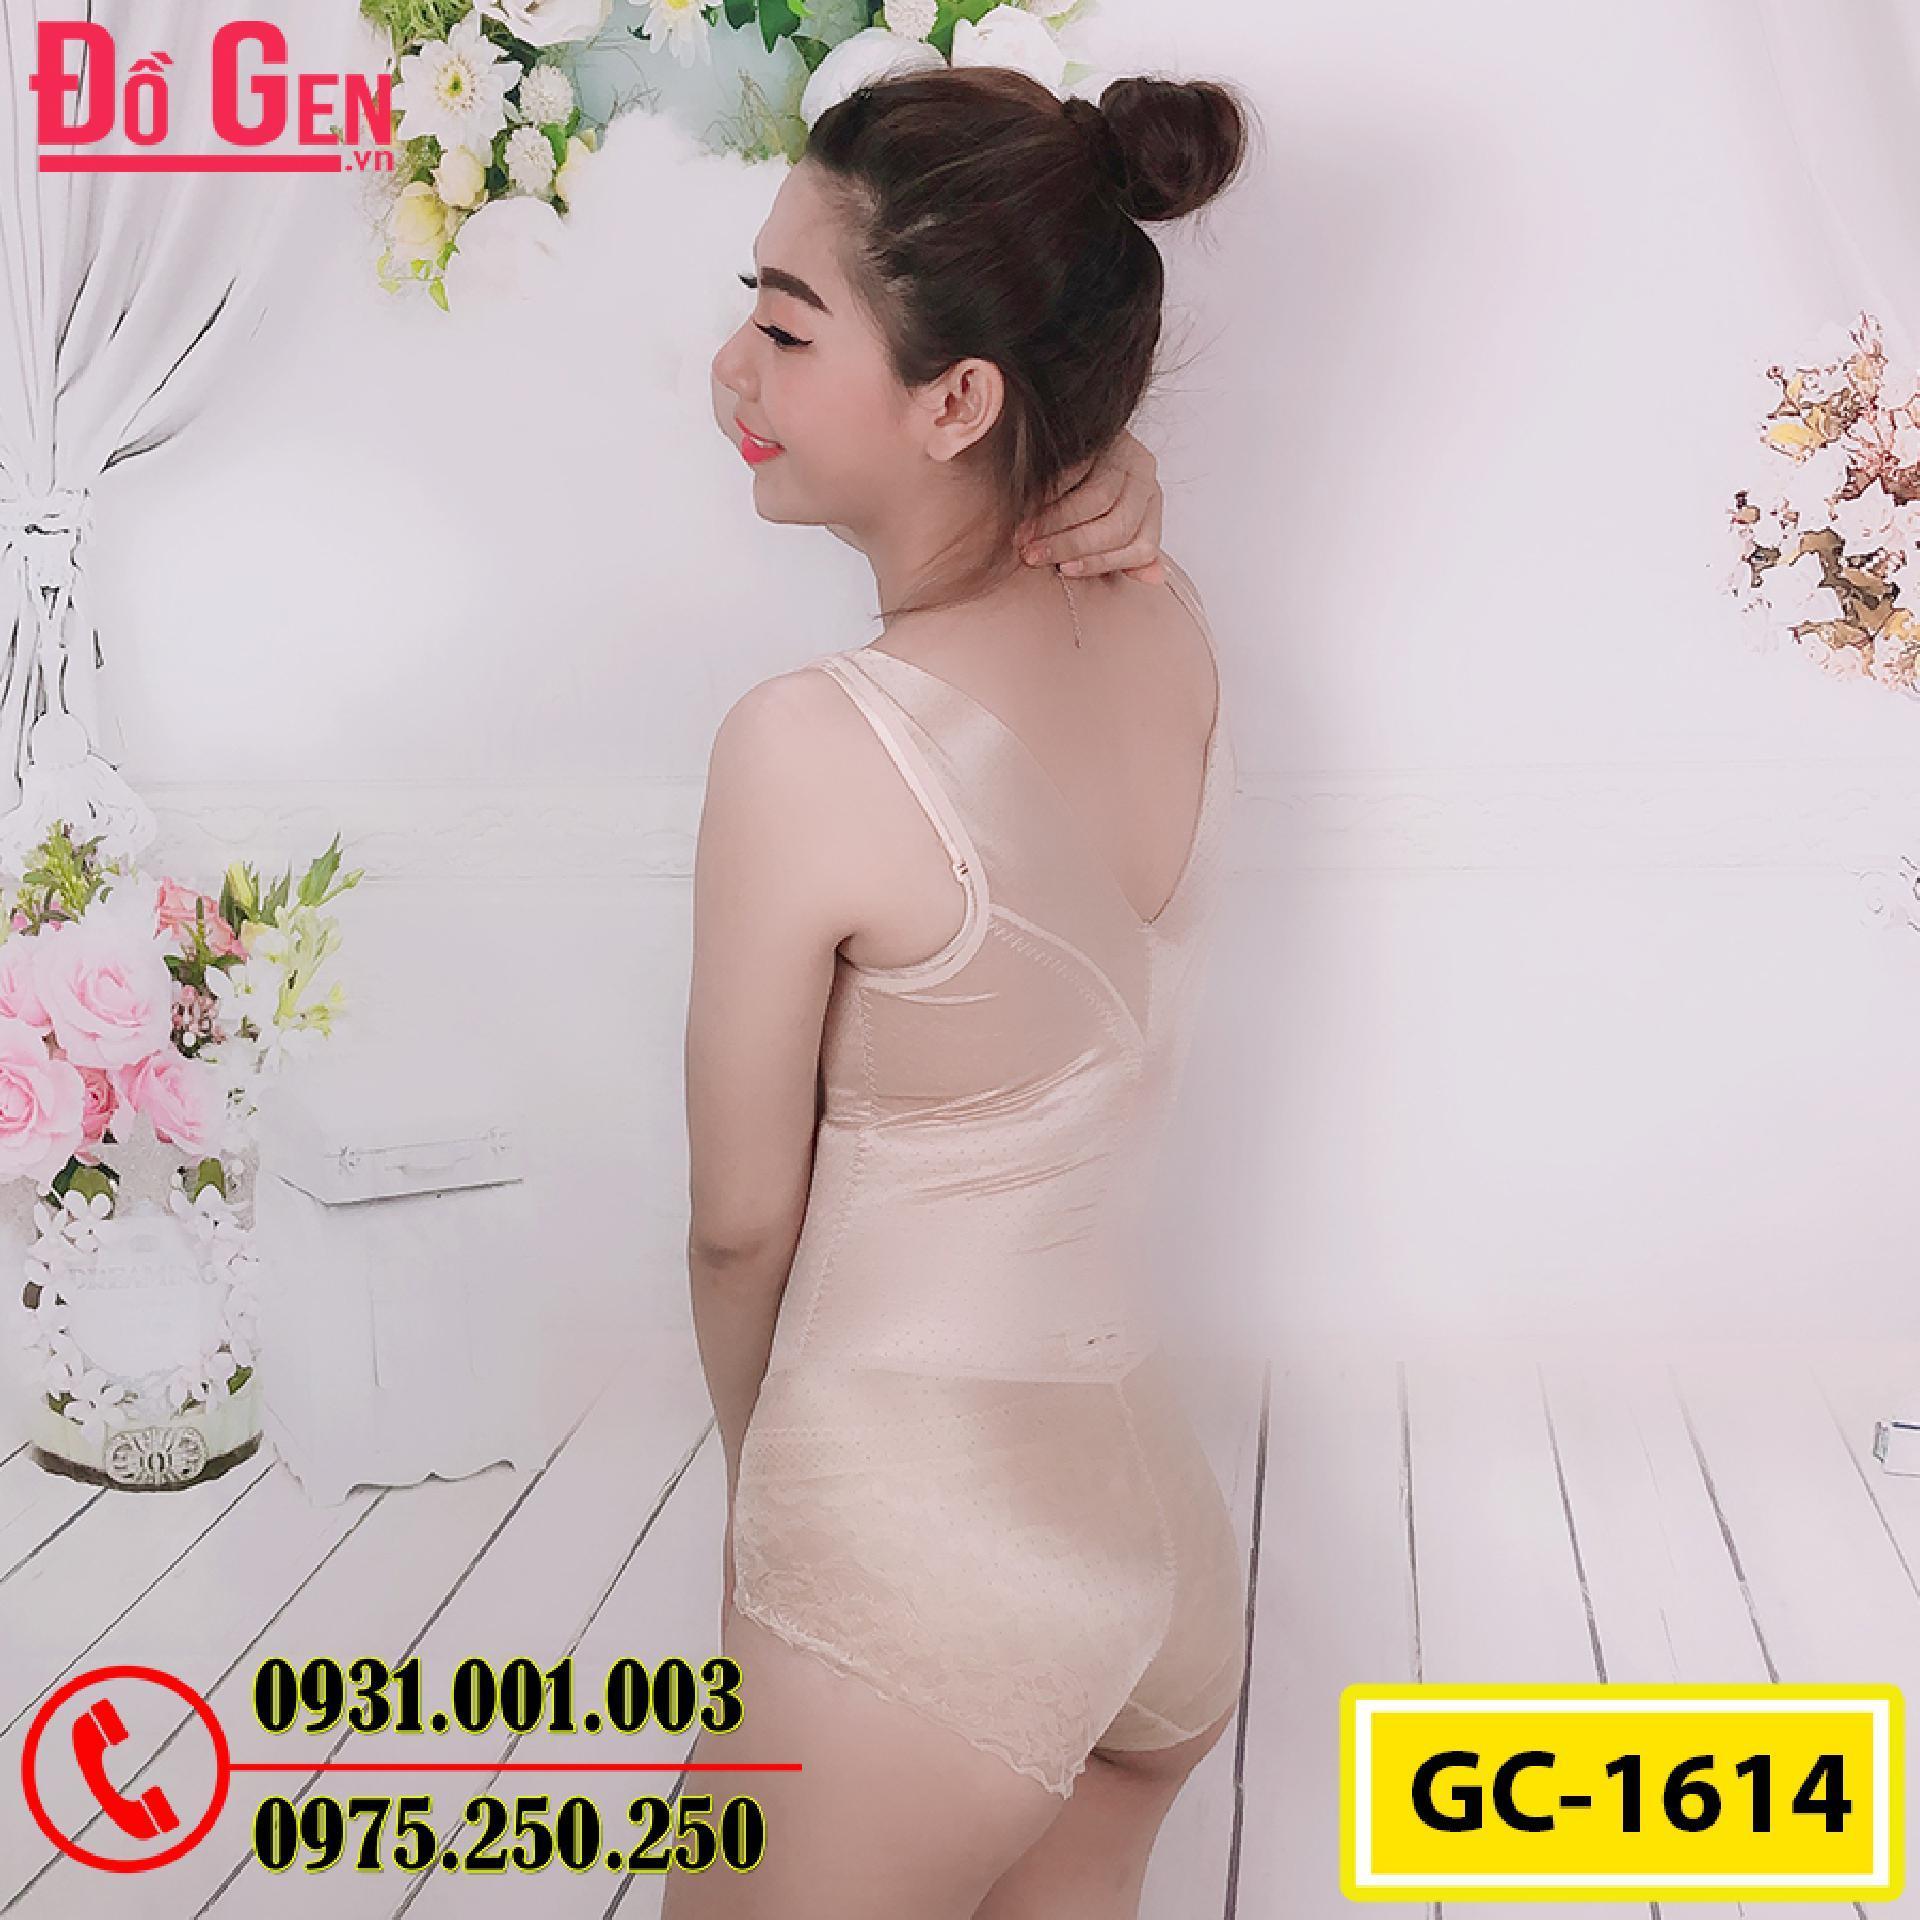 Đồ Lót Định Hình - Quần Áo Gen Định Hình Bikini Liền Thân Cao Cấp (Cod: GC-1614)